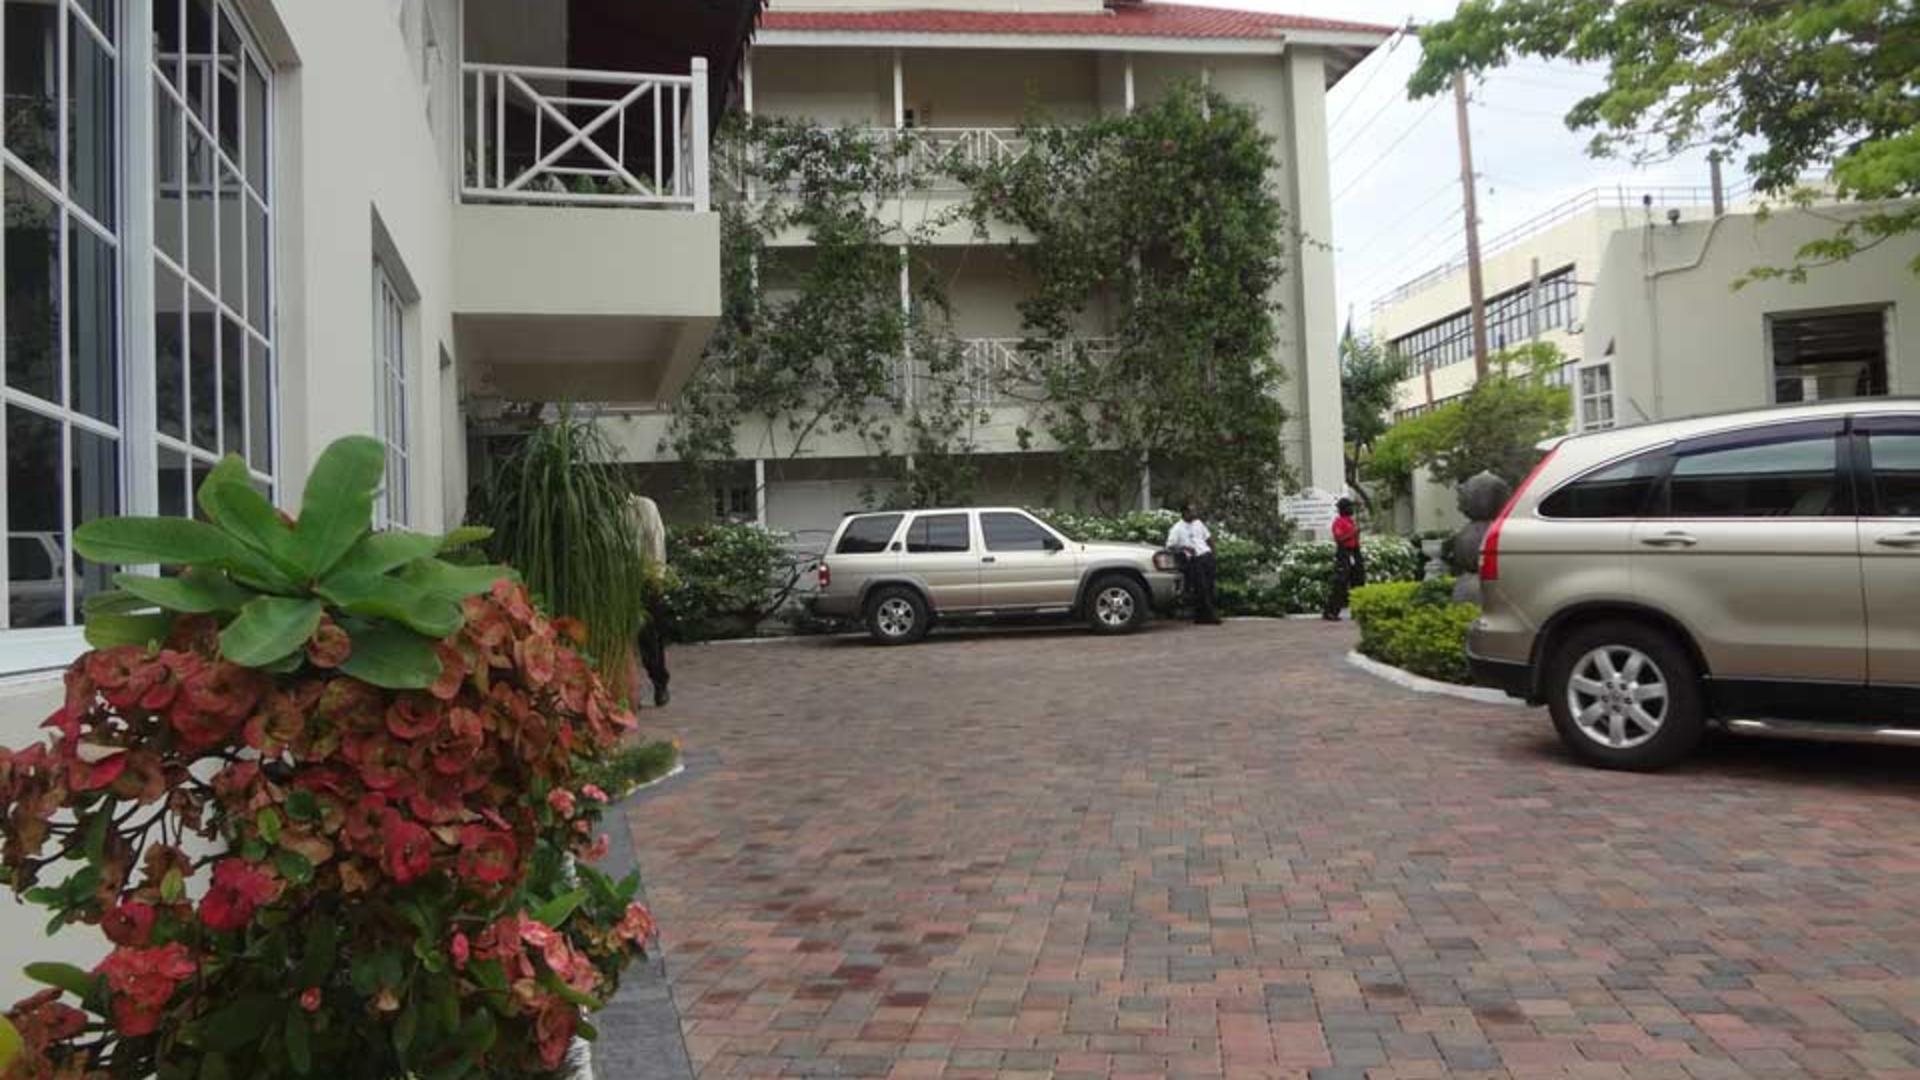 altamont_court_hotel_courtyard